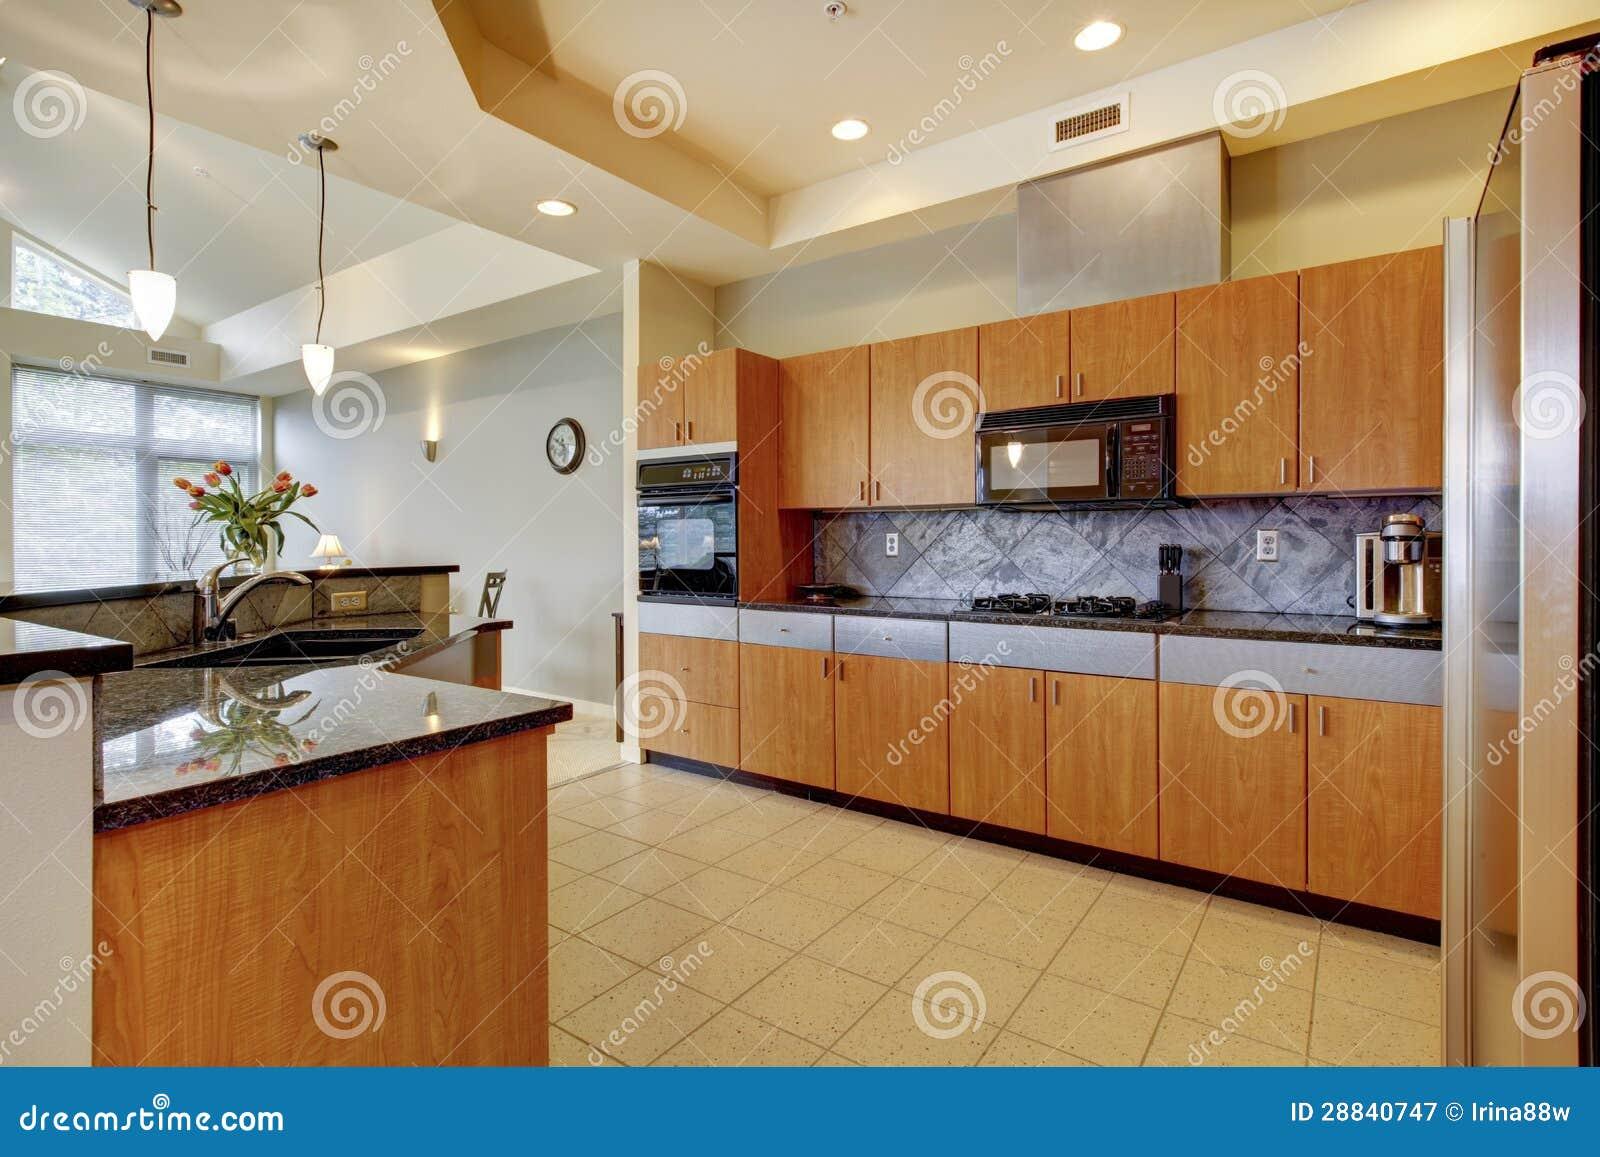 Große Moderne Hölzerne Küche Mit Wohnzimmer Und Hoher Decke ...